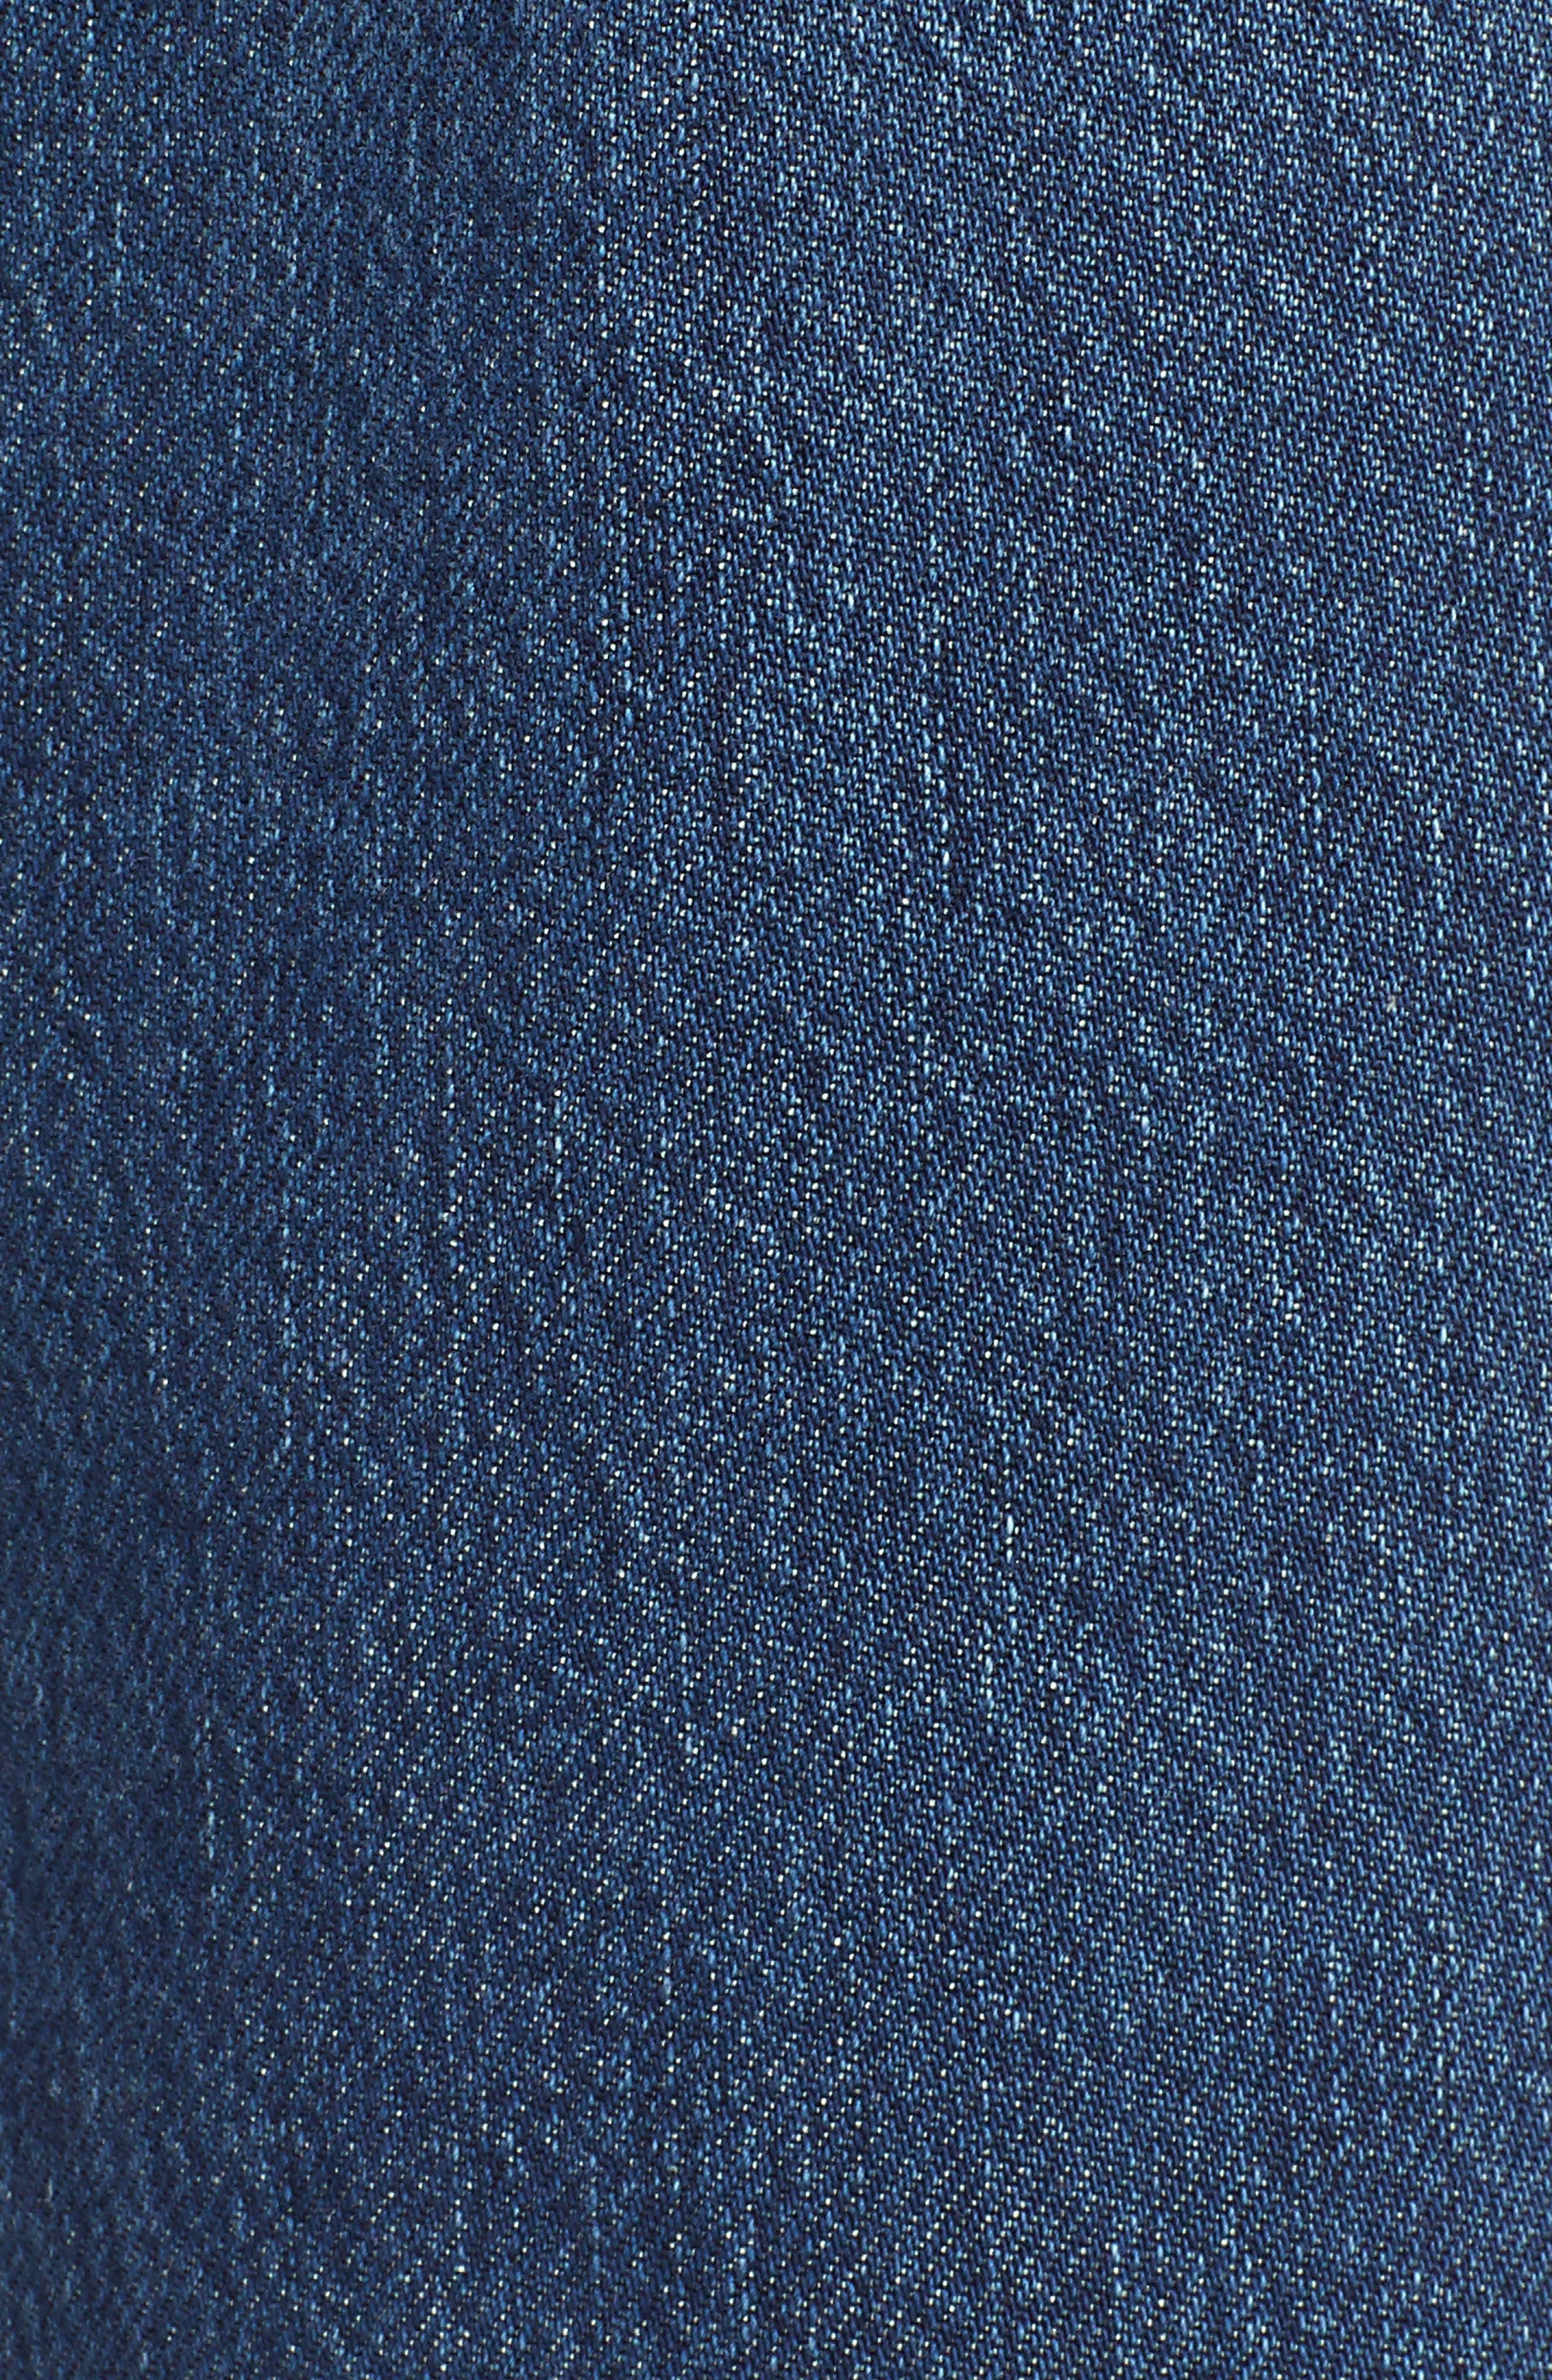 TOPSHOP,                             New Boyfriend Jeans,                             Alternate thumbnail 6, color,                             MID BLUE